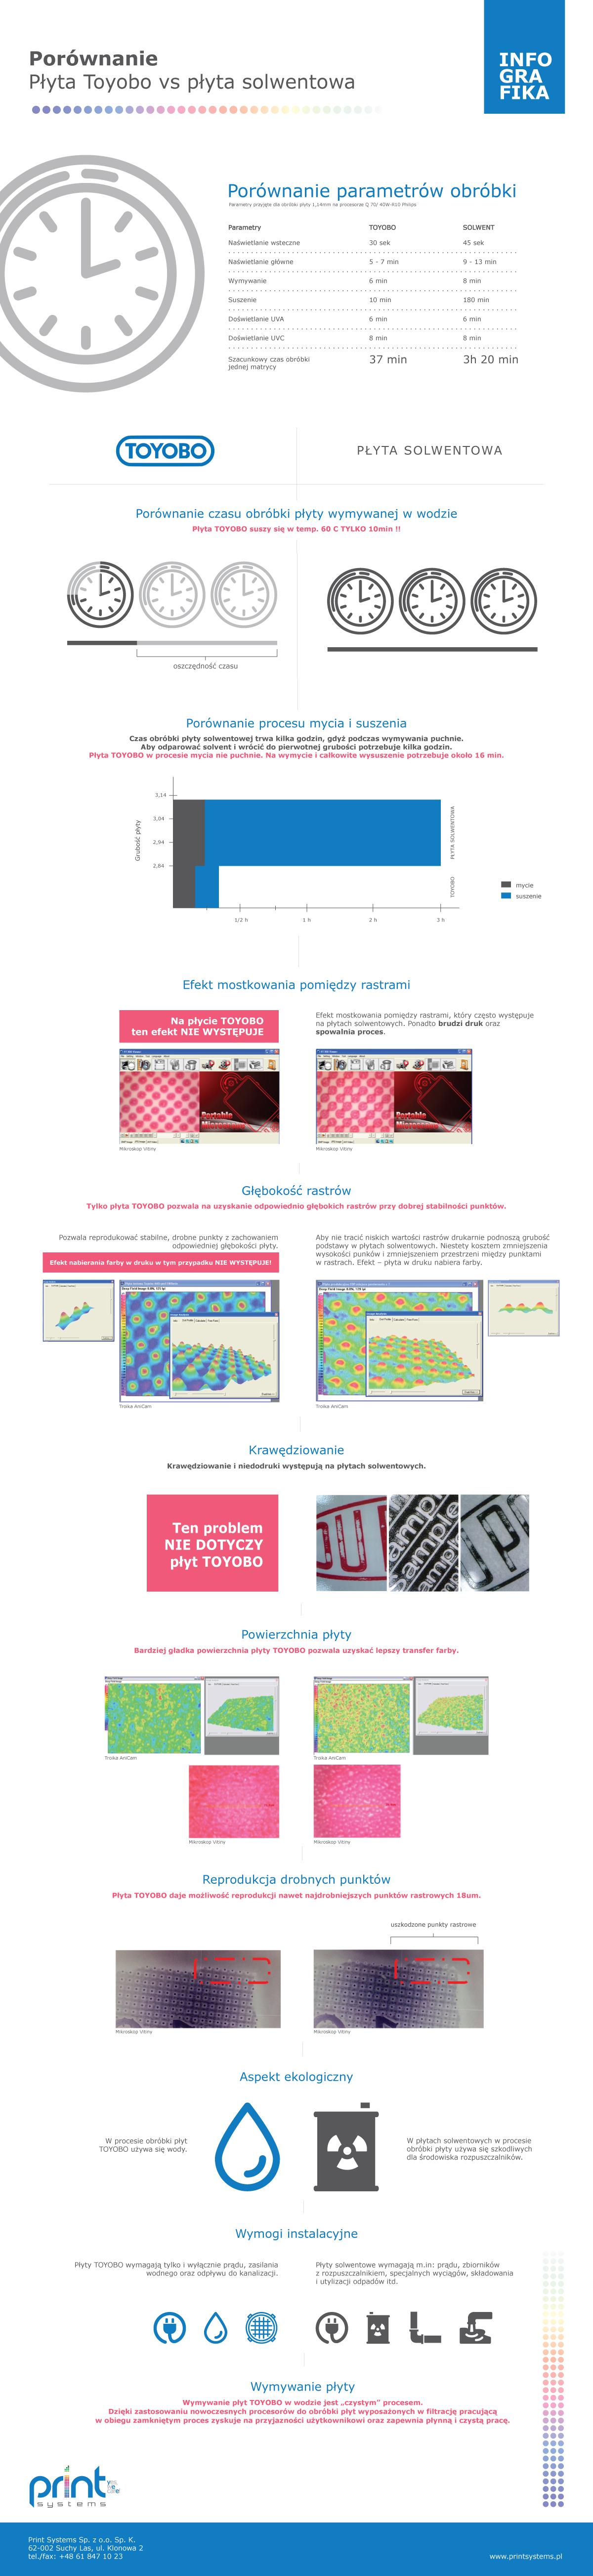 Płyta_Toyobo_vs_solwentowa_Infografika_PrintSystems